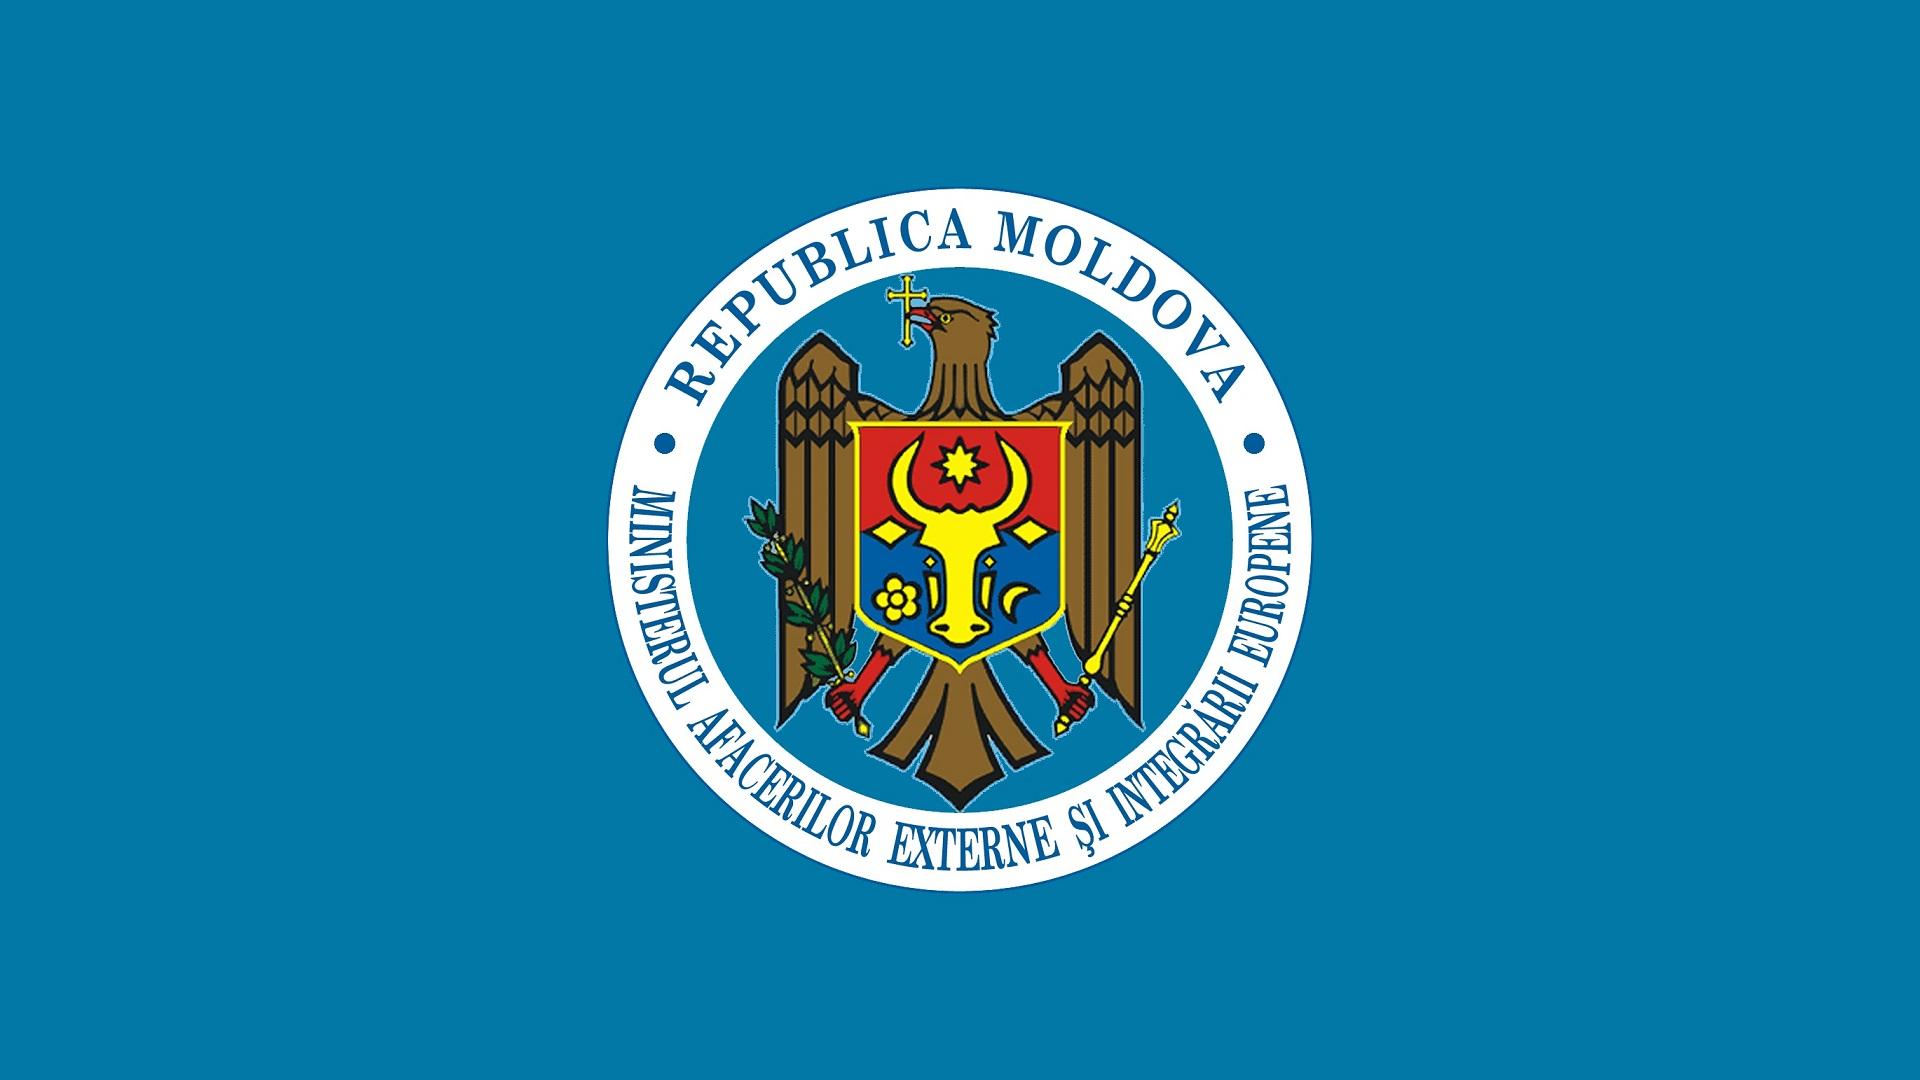 MAEIE: Deschiderea oficiului NATO la Chișinău va aduce o valoare îndelungată cooperării bilaterale